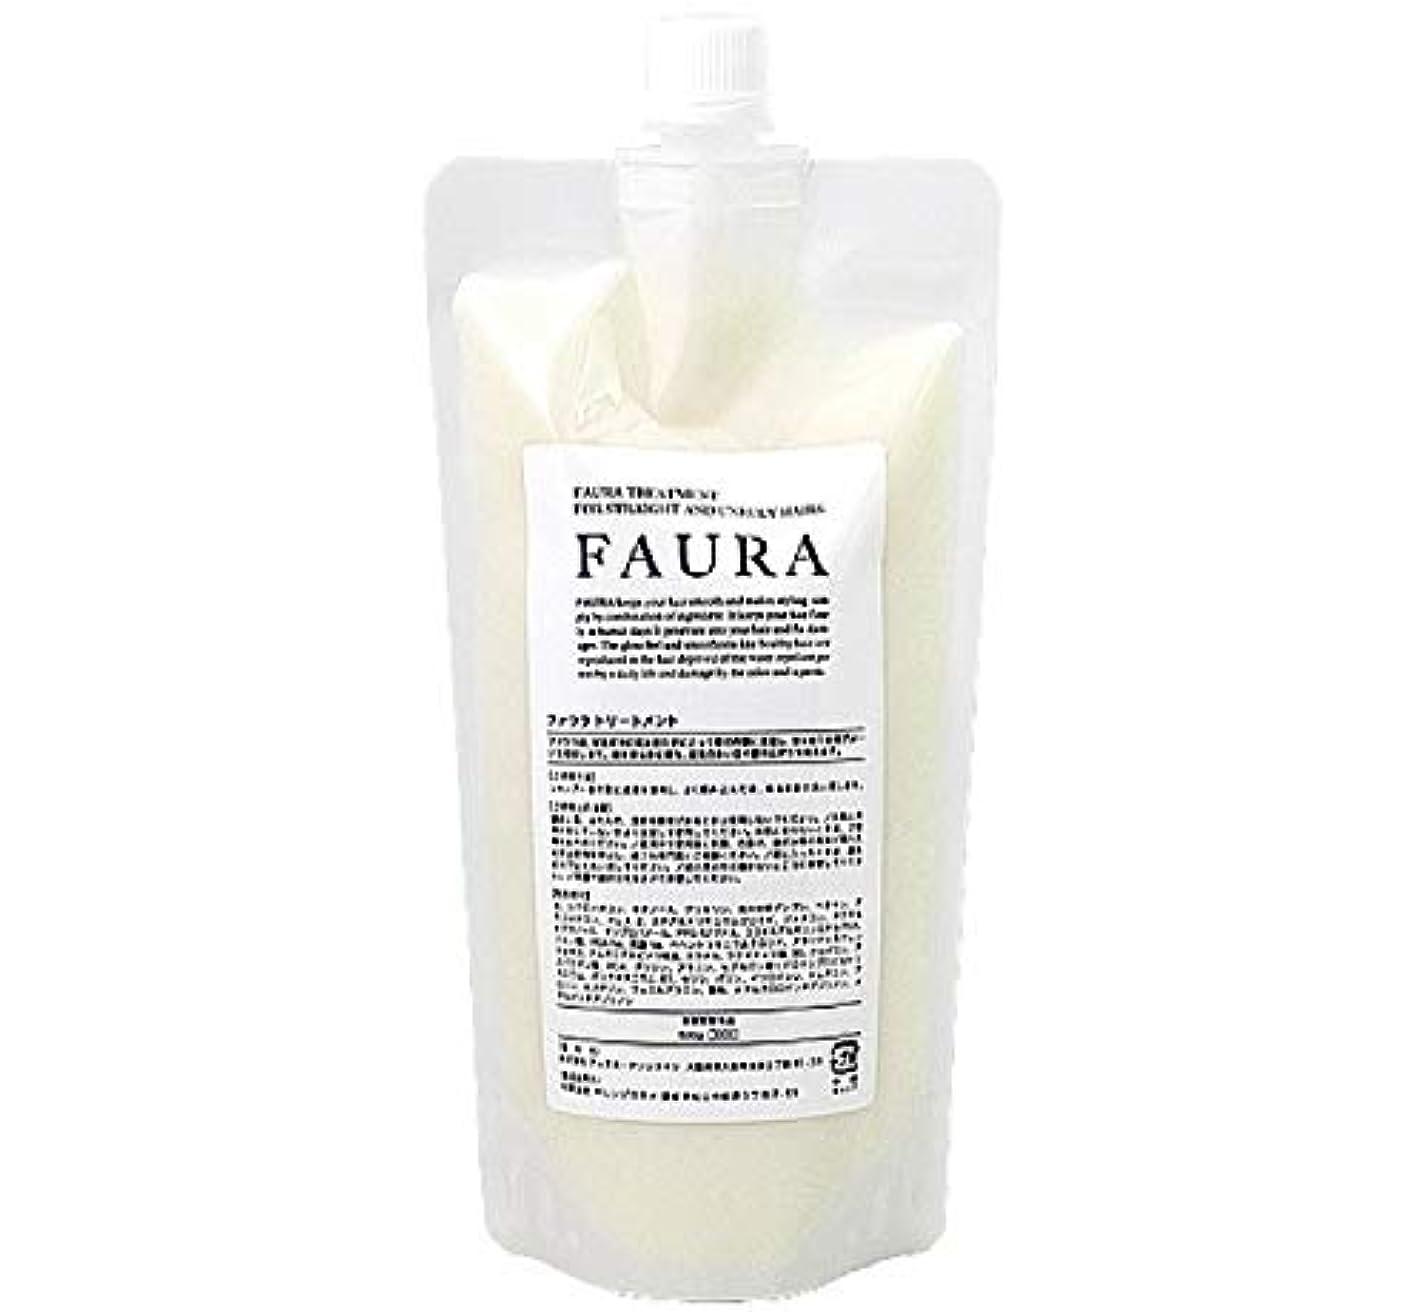 に変わるハイライトシソーラス【発売1年で3万本の売上】FAURA ファウラ ヘアトリートメント (傷んだ髪に) 詰替500g 【サロン専売品】